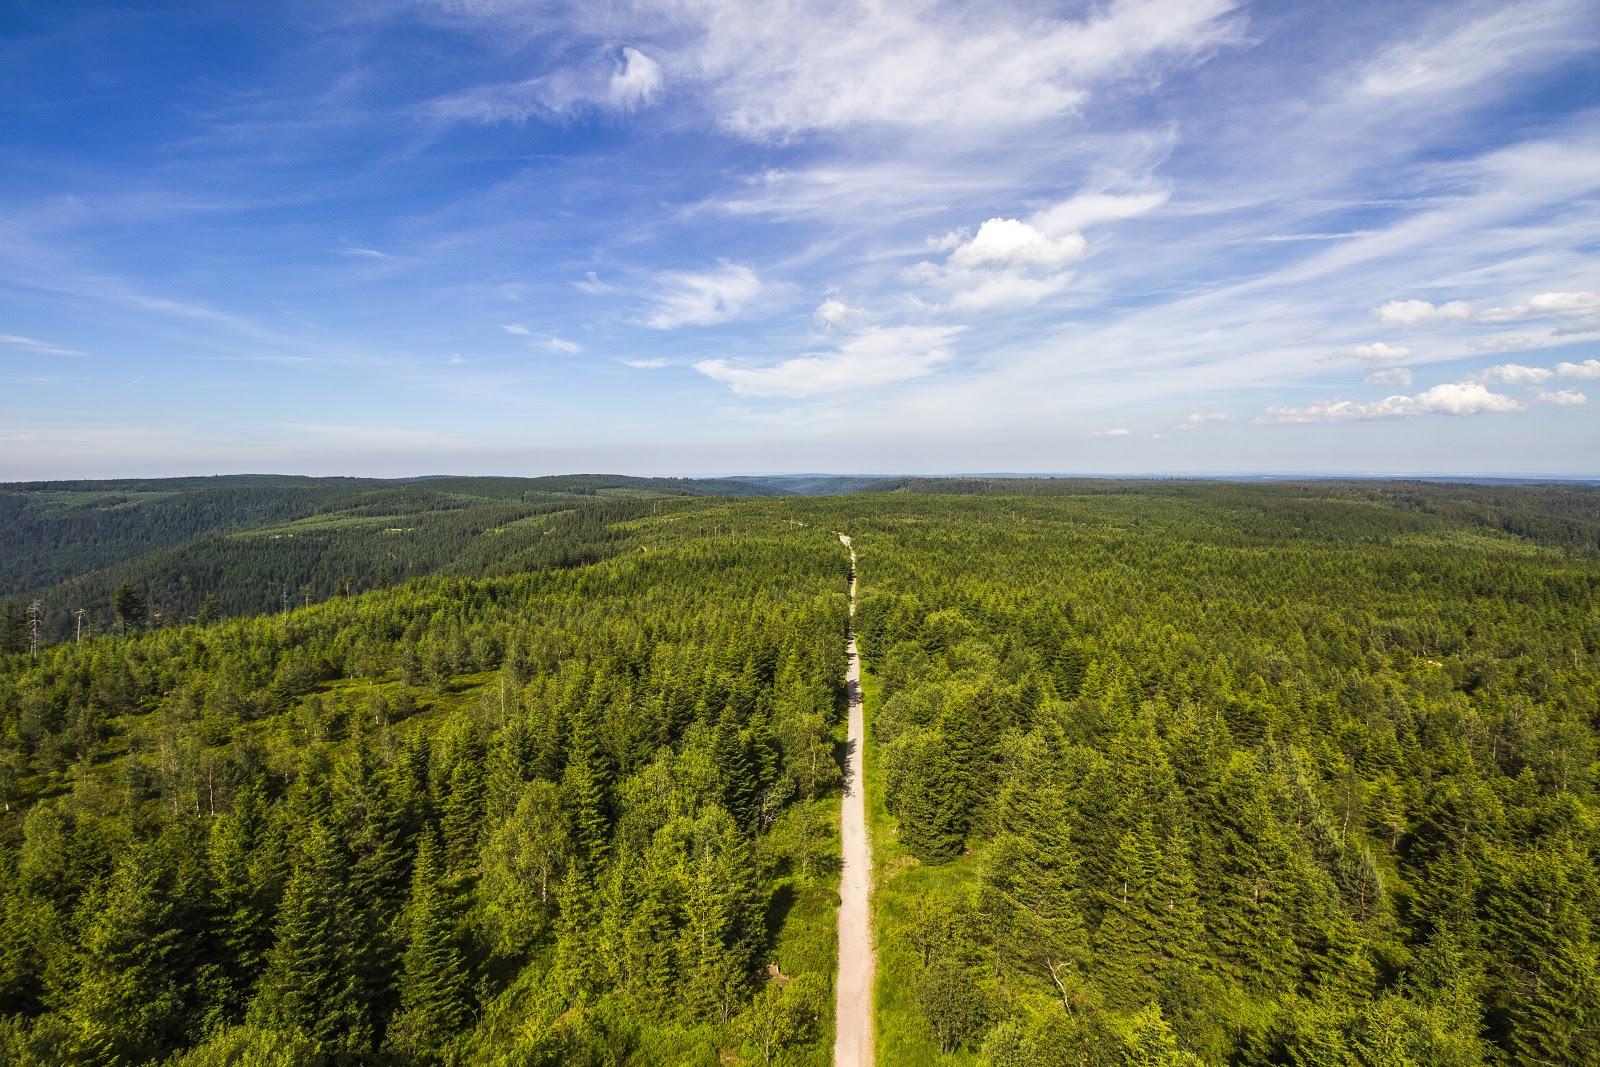 Ein Weg inmitten dichten Waldes führt schnurgerade durch die weit zu überblickende Landschaft